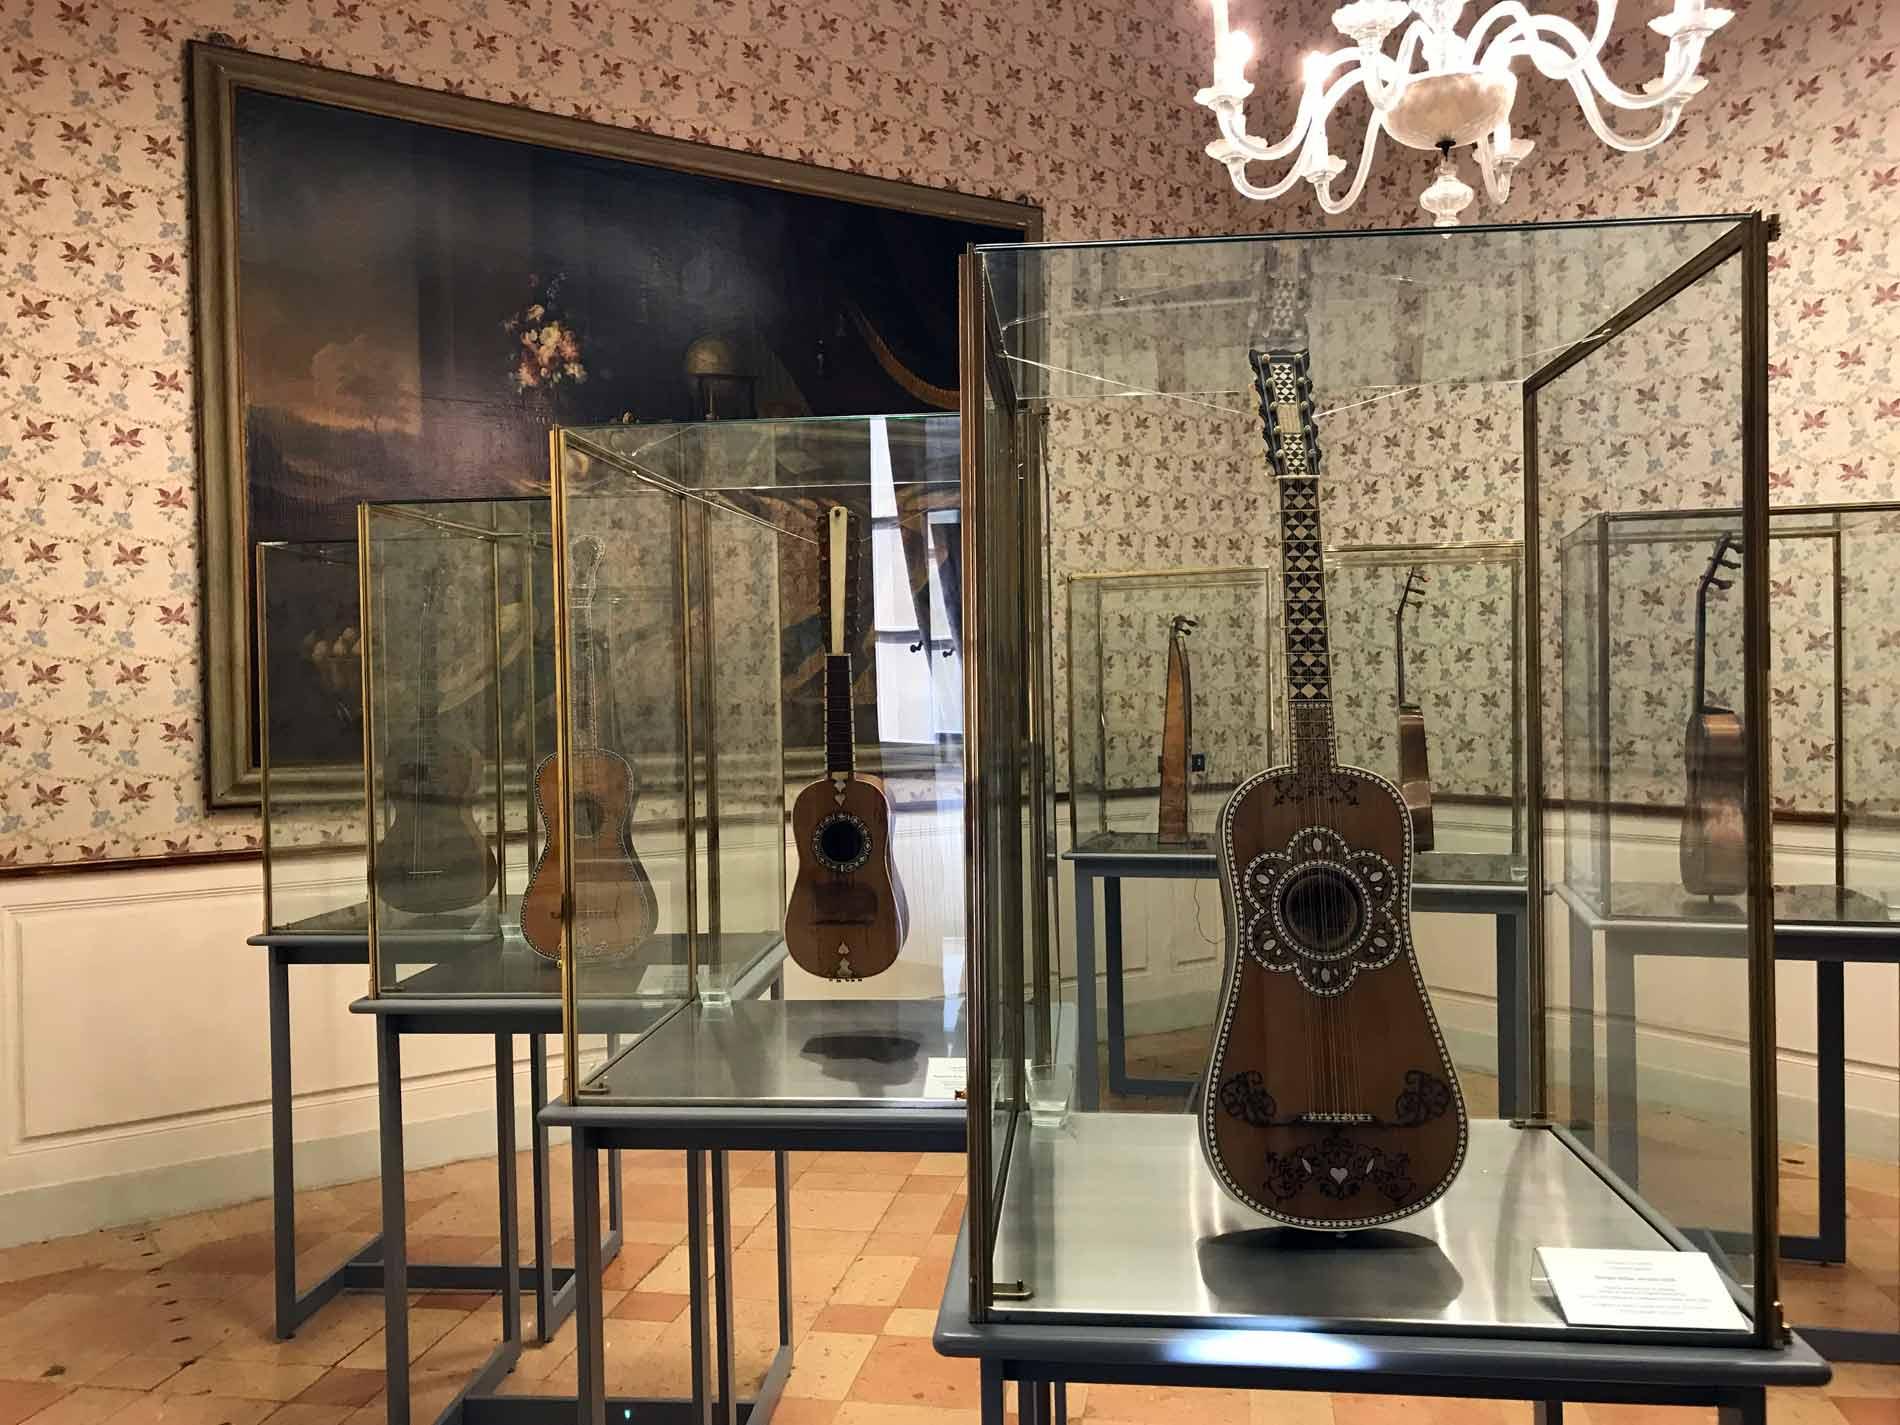 Museo-civico-ala-ponzone-cremona-stanze-per-la-musica-strumenti-dipinto